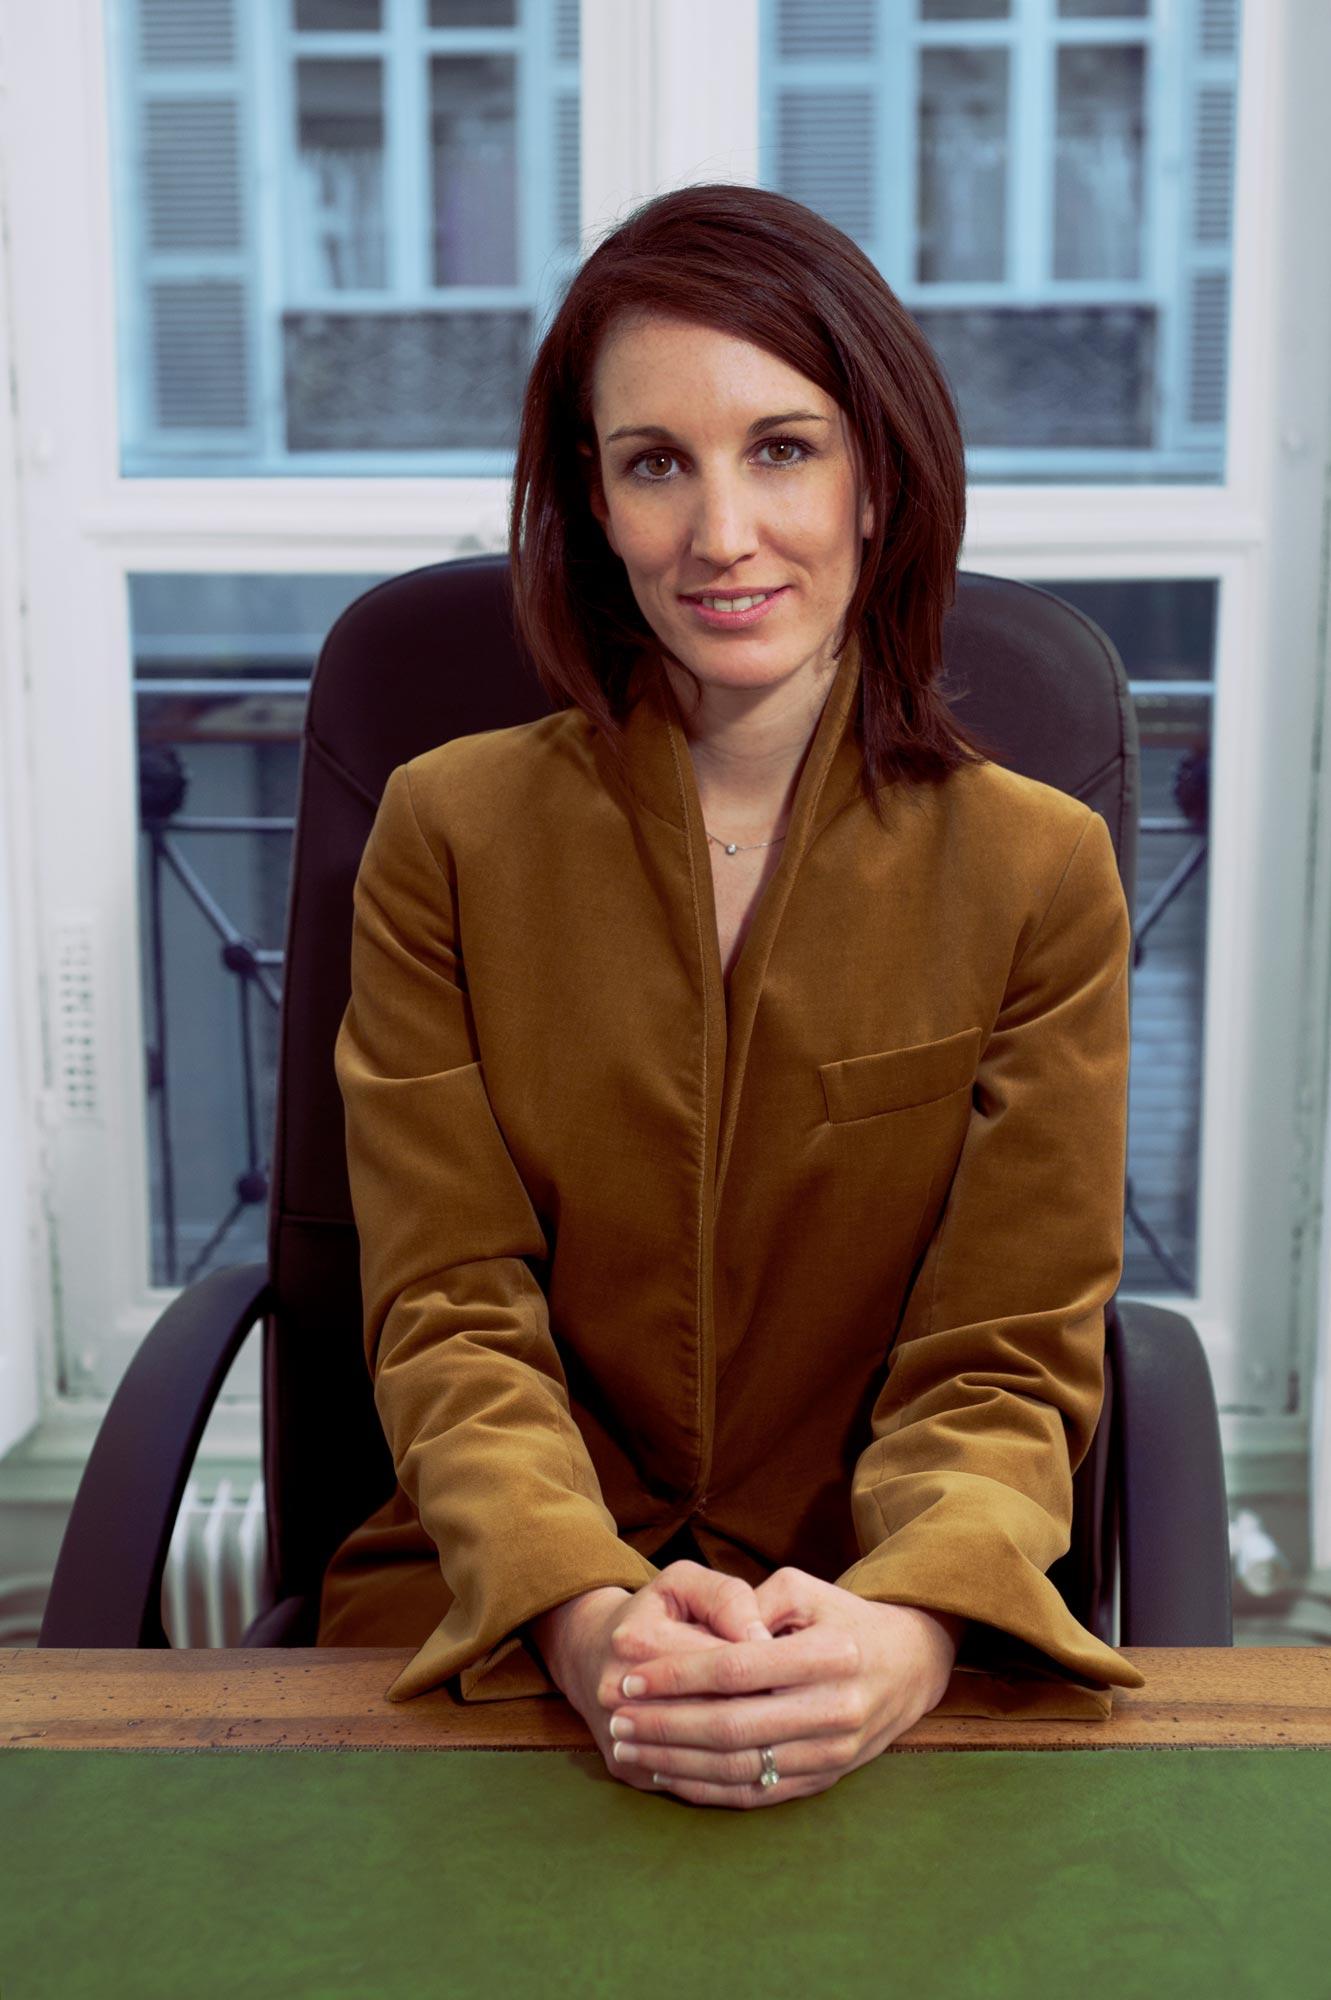 Photographie corporate d'une avocate a son bureau